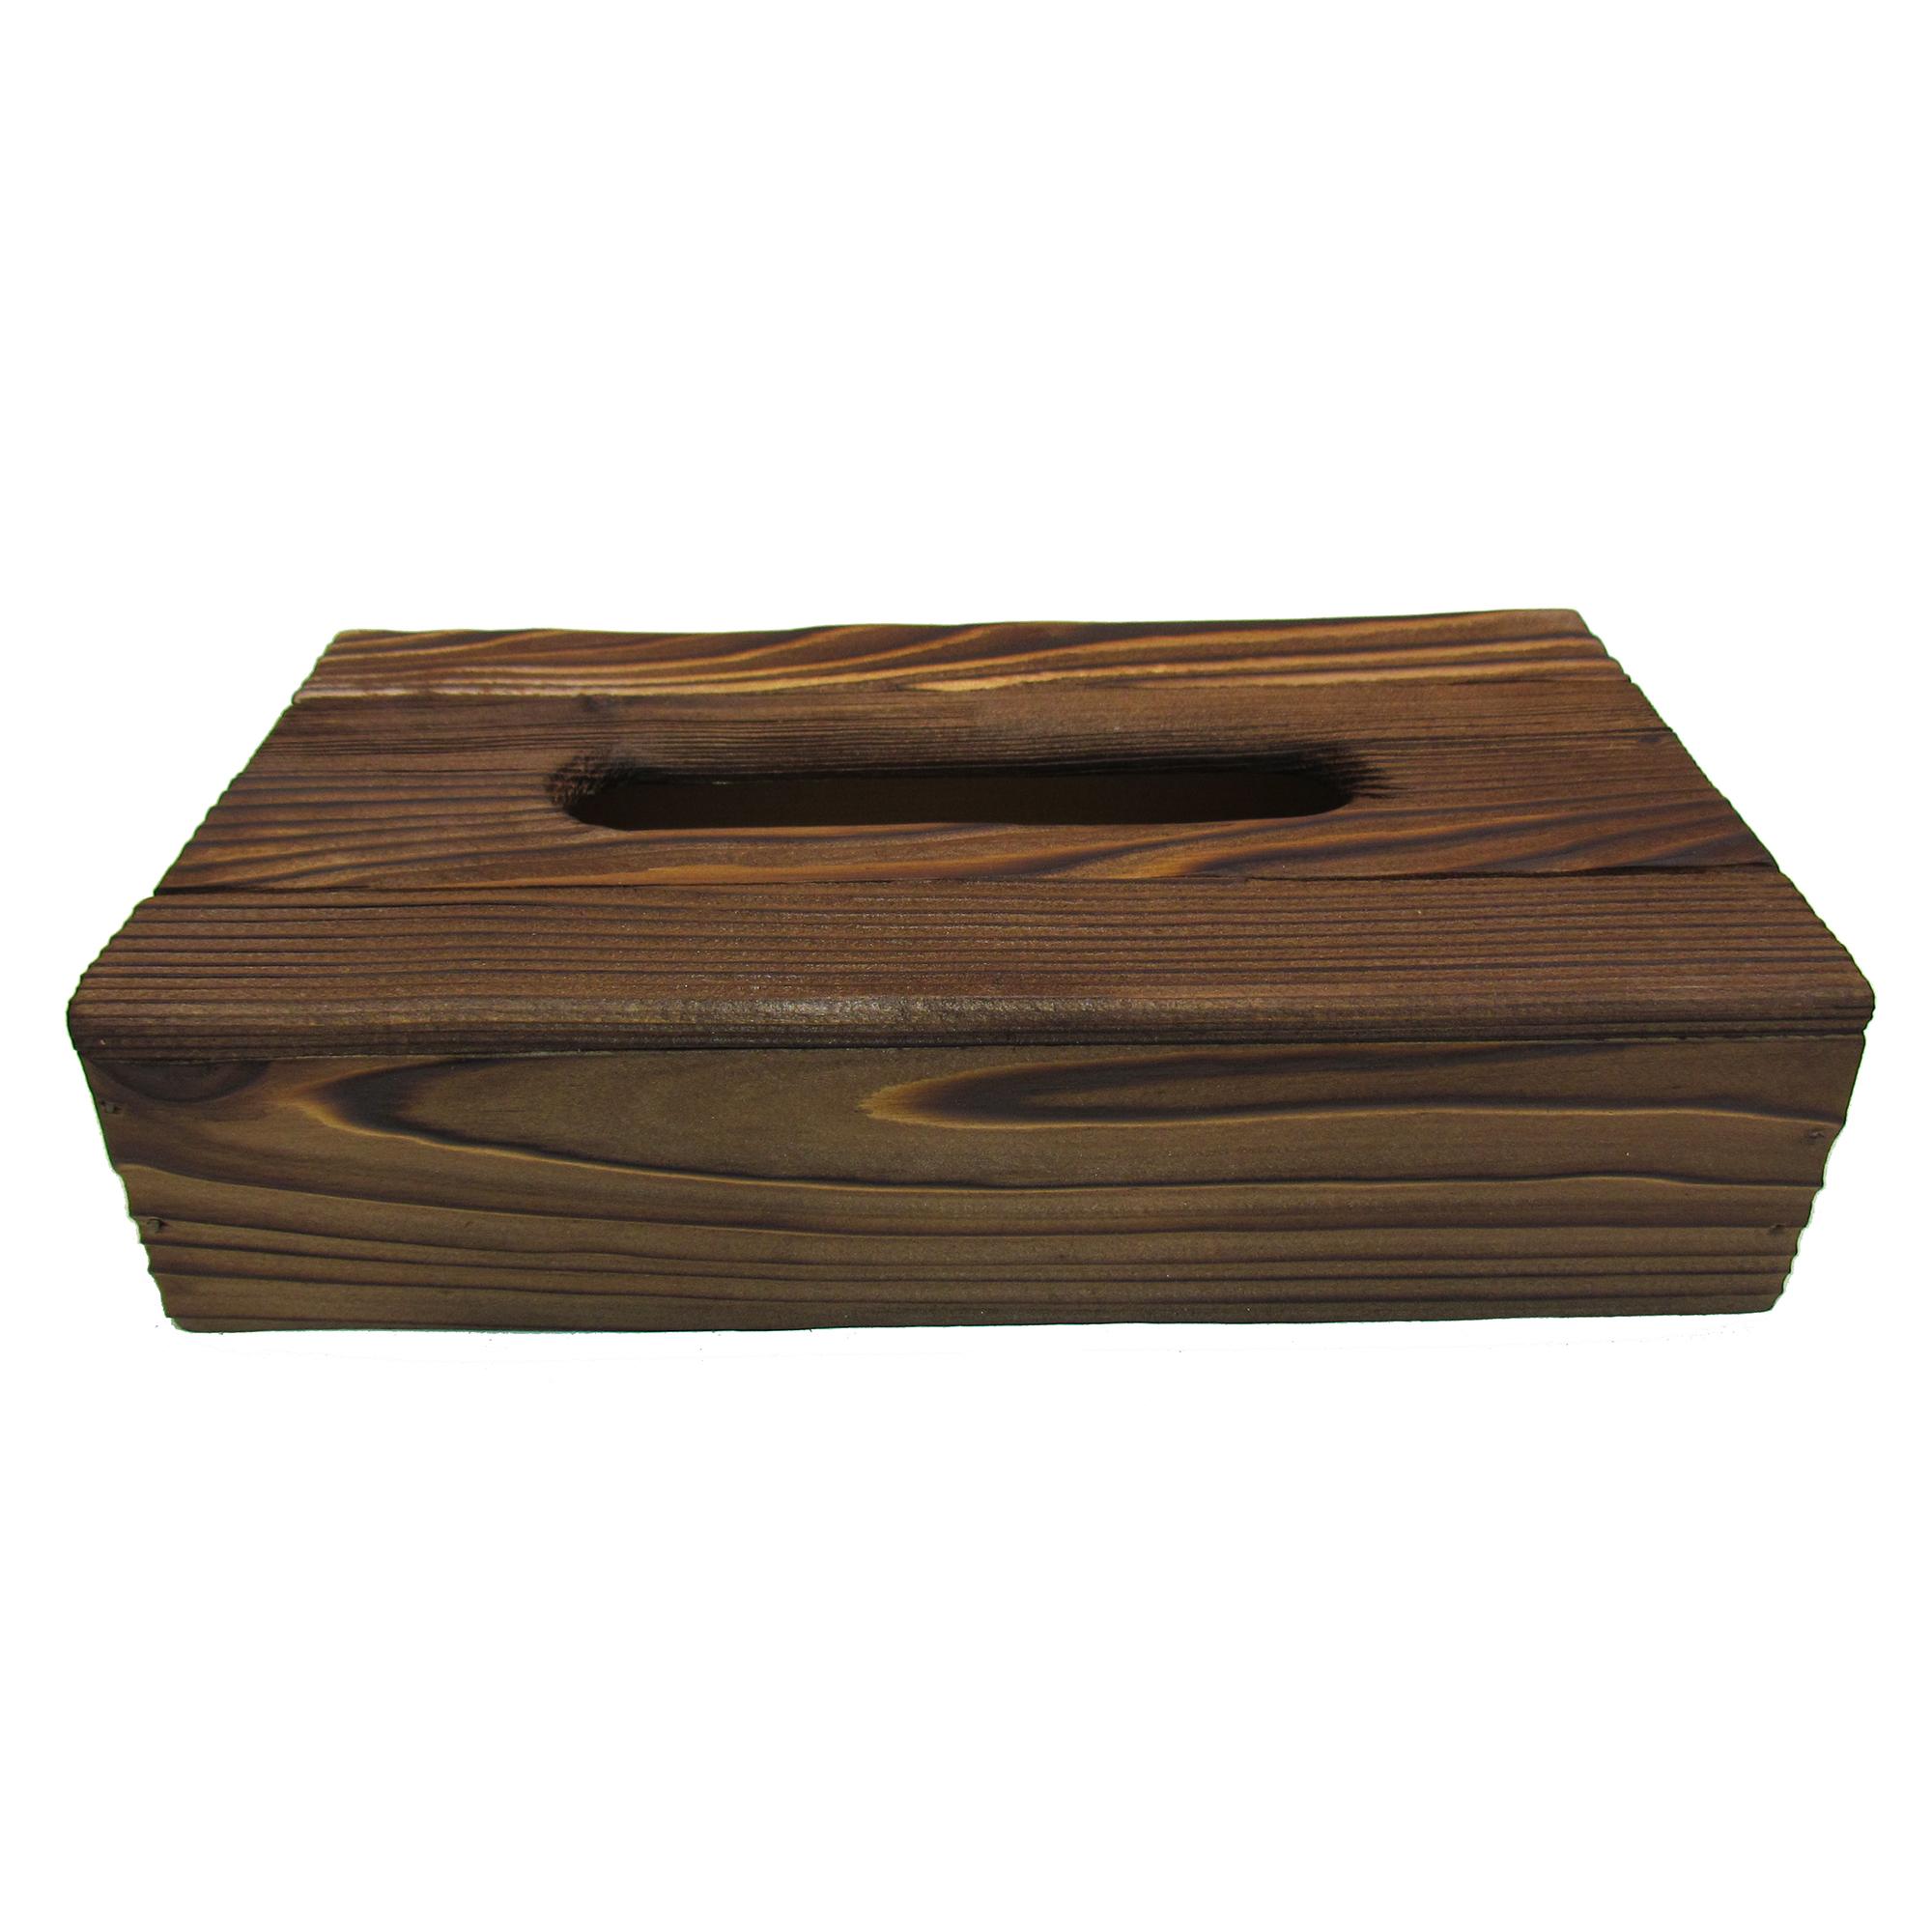 جعبه دستمال کاغذی کشویی کوچک مدل BOX013